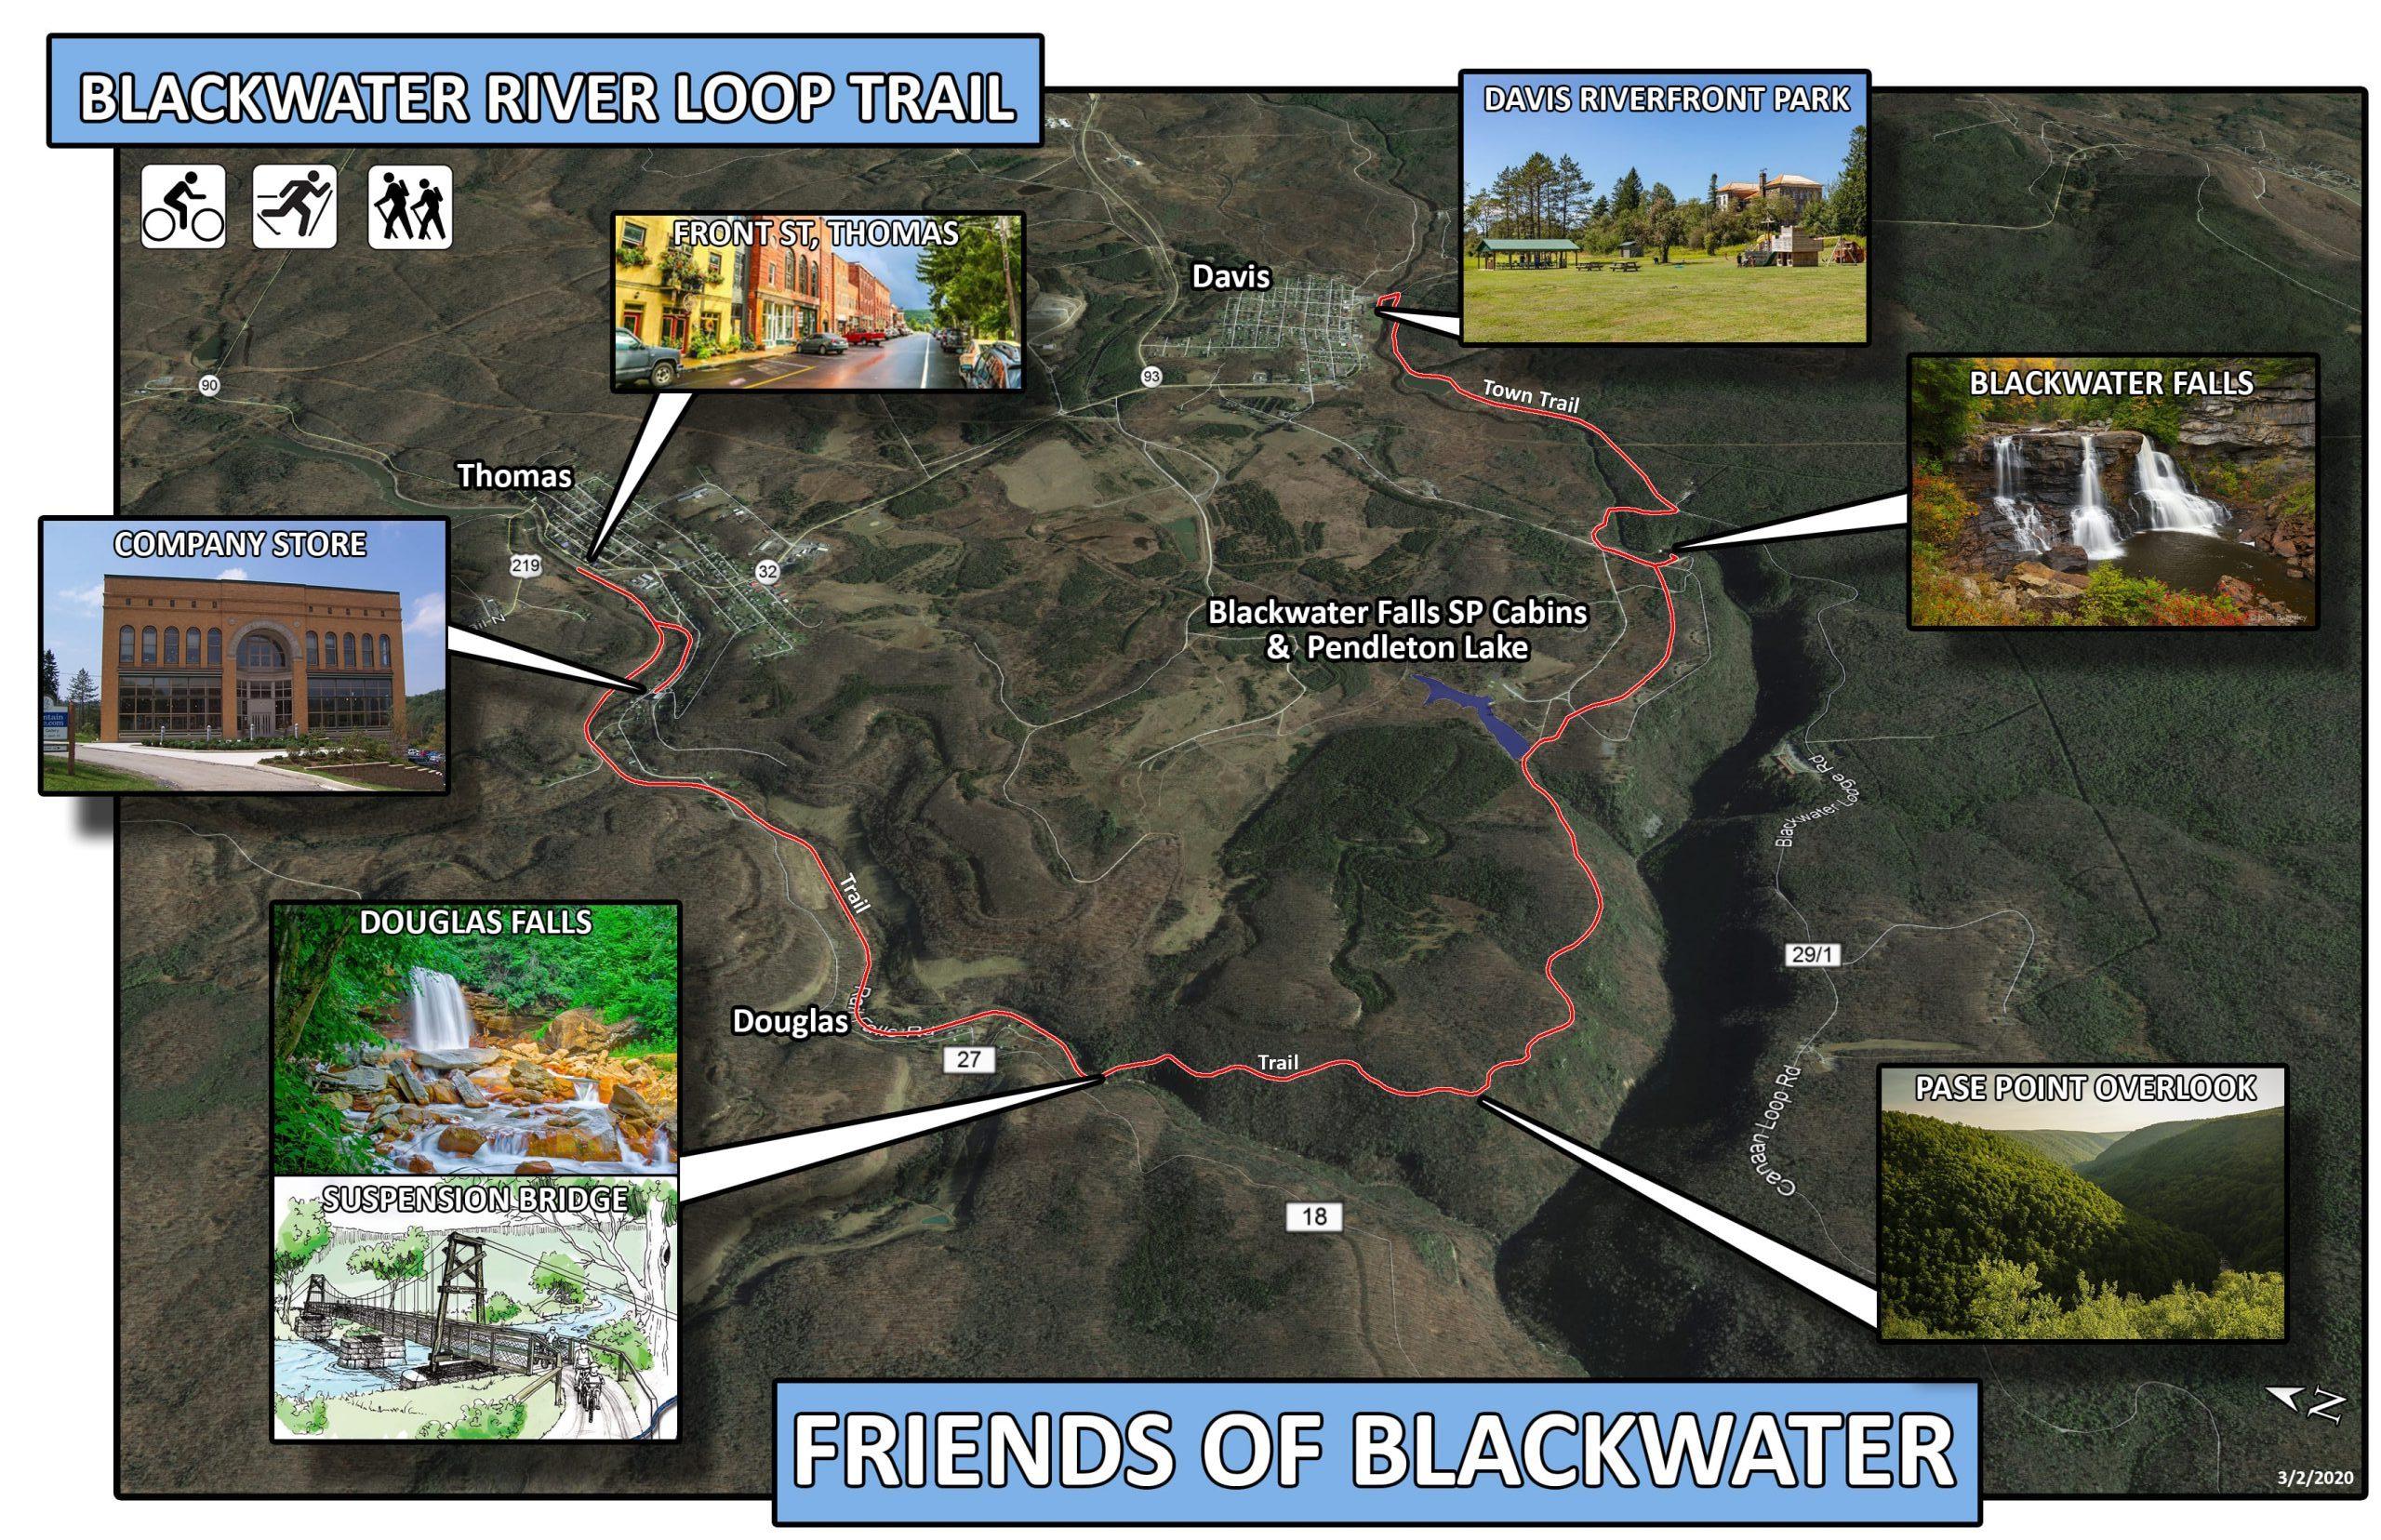 BlackwaterRiverLoopTrailMap5-27-20-1